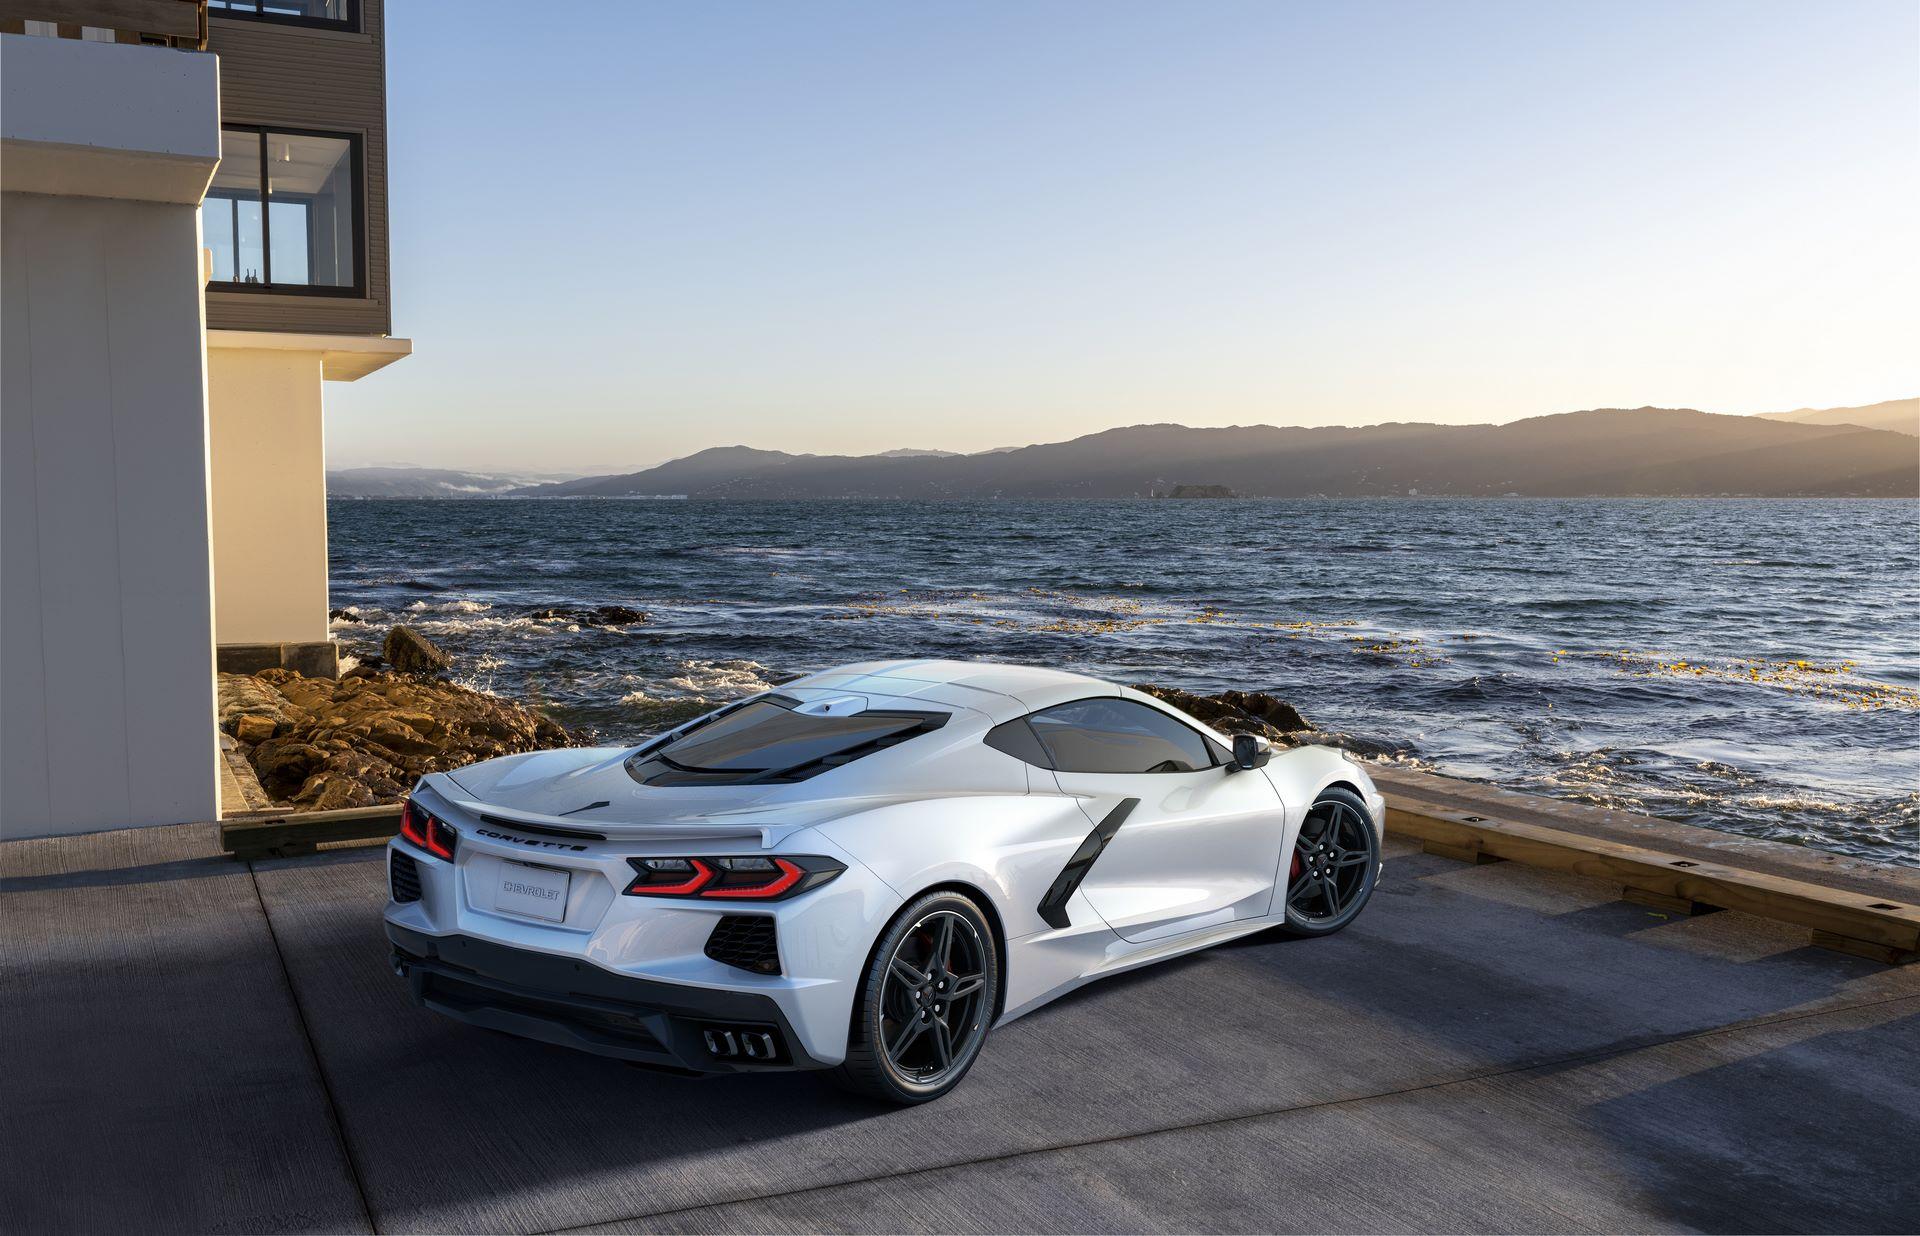 2022-Chevrolet-Corvette-Stingray-003